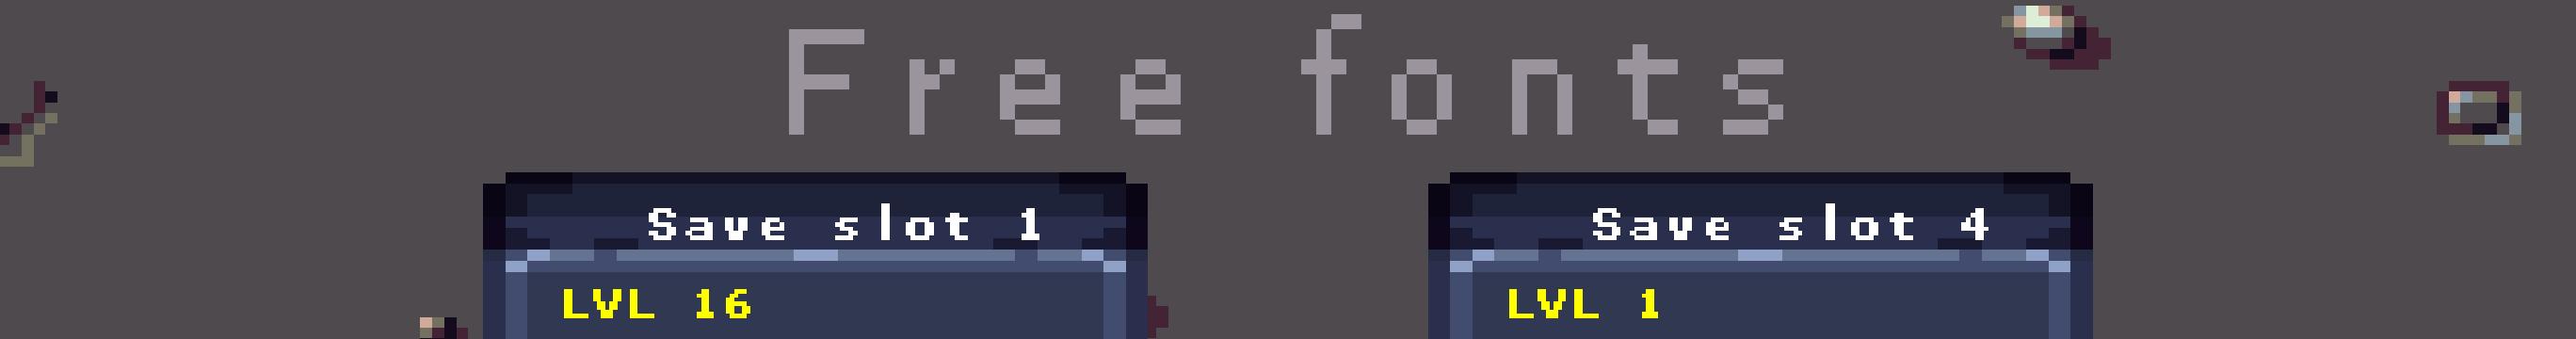 Pixel bitmap fonts - Free